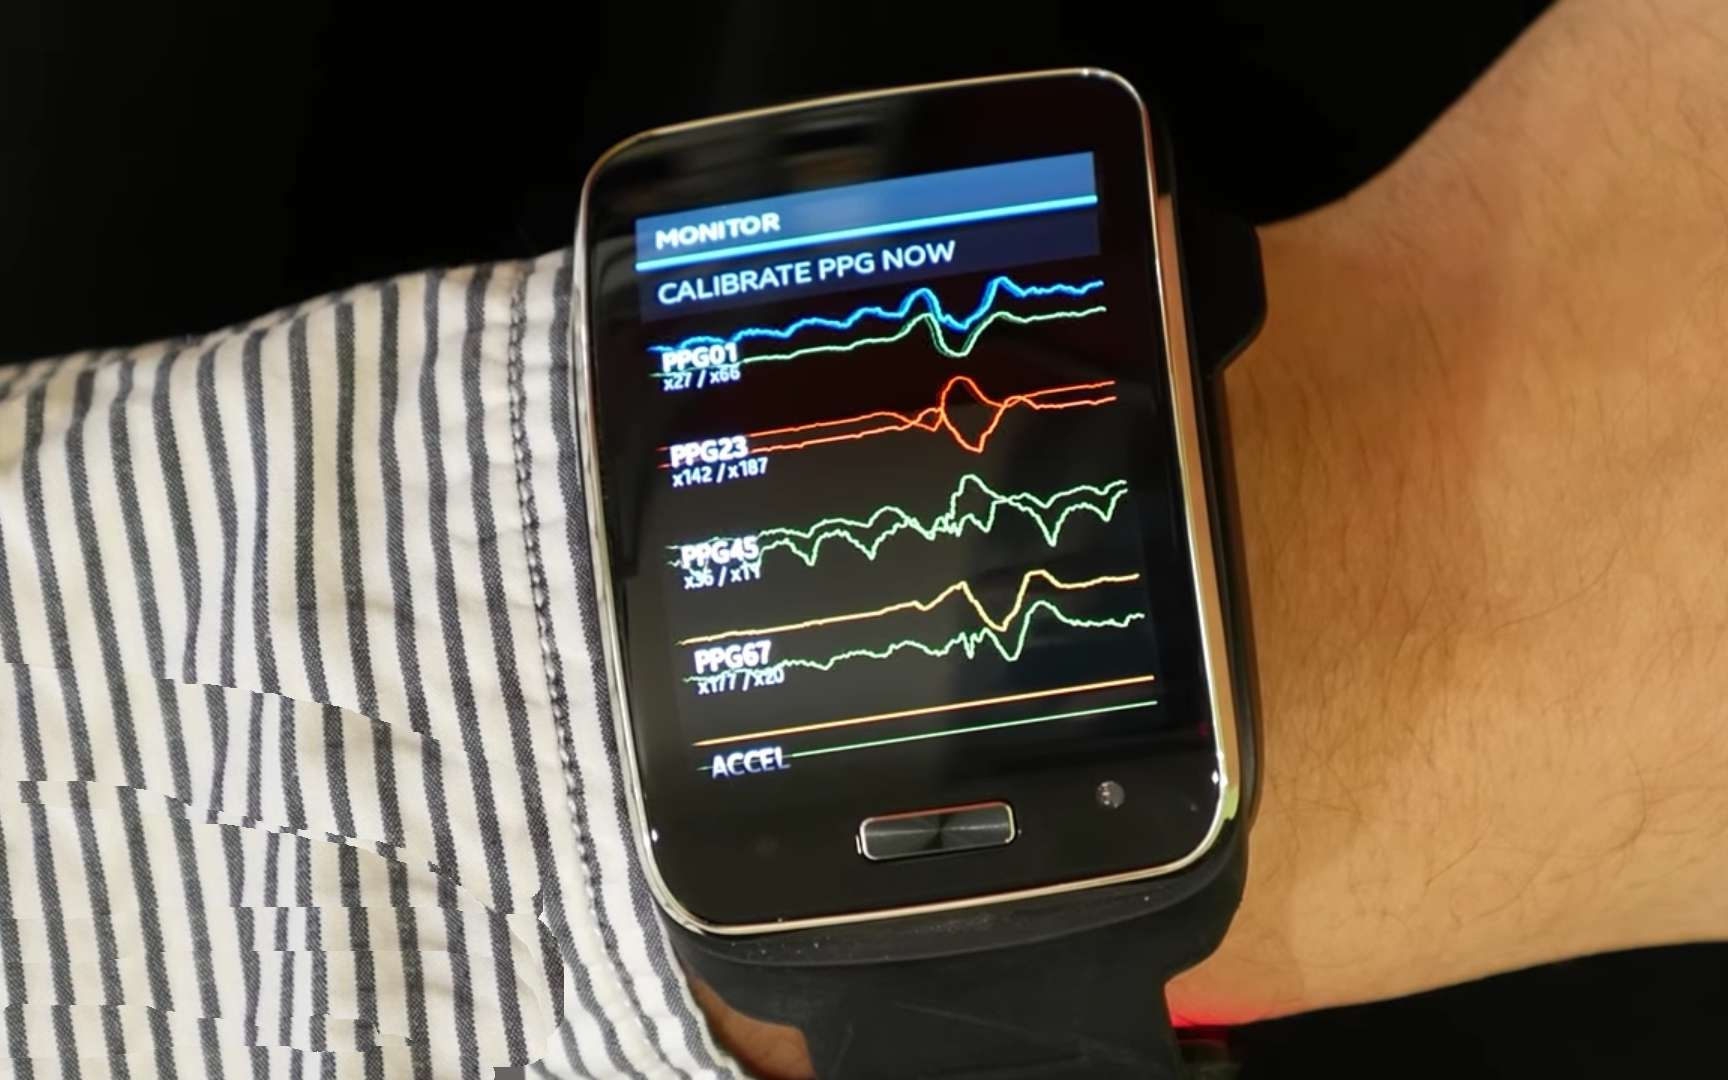 Les scientifiques ont testé ce dispositif sur des participants portant une montre Samsung Simband, capable de recueillir des ondes physiologiques à haute résolution. © Courtesy of Samsung, Simbad